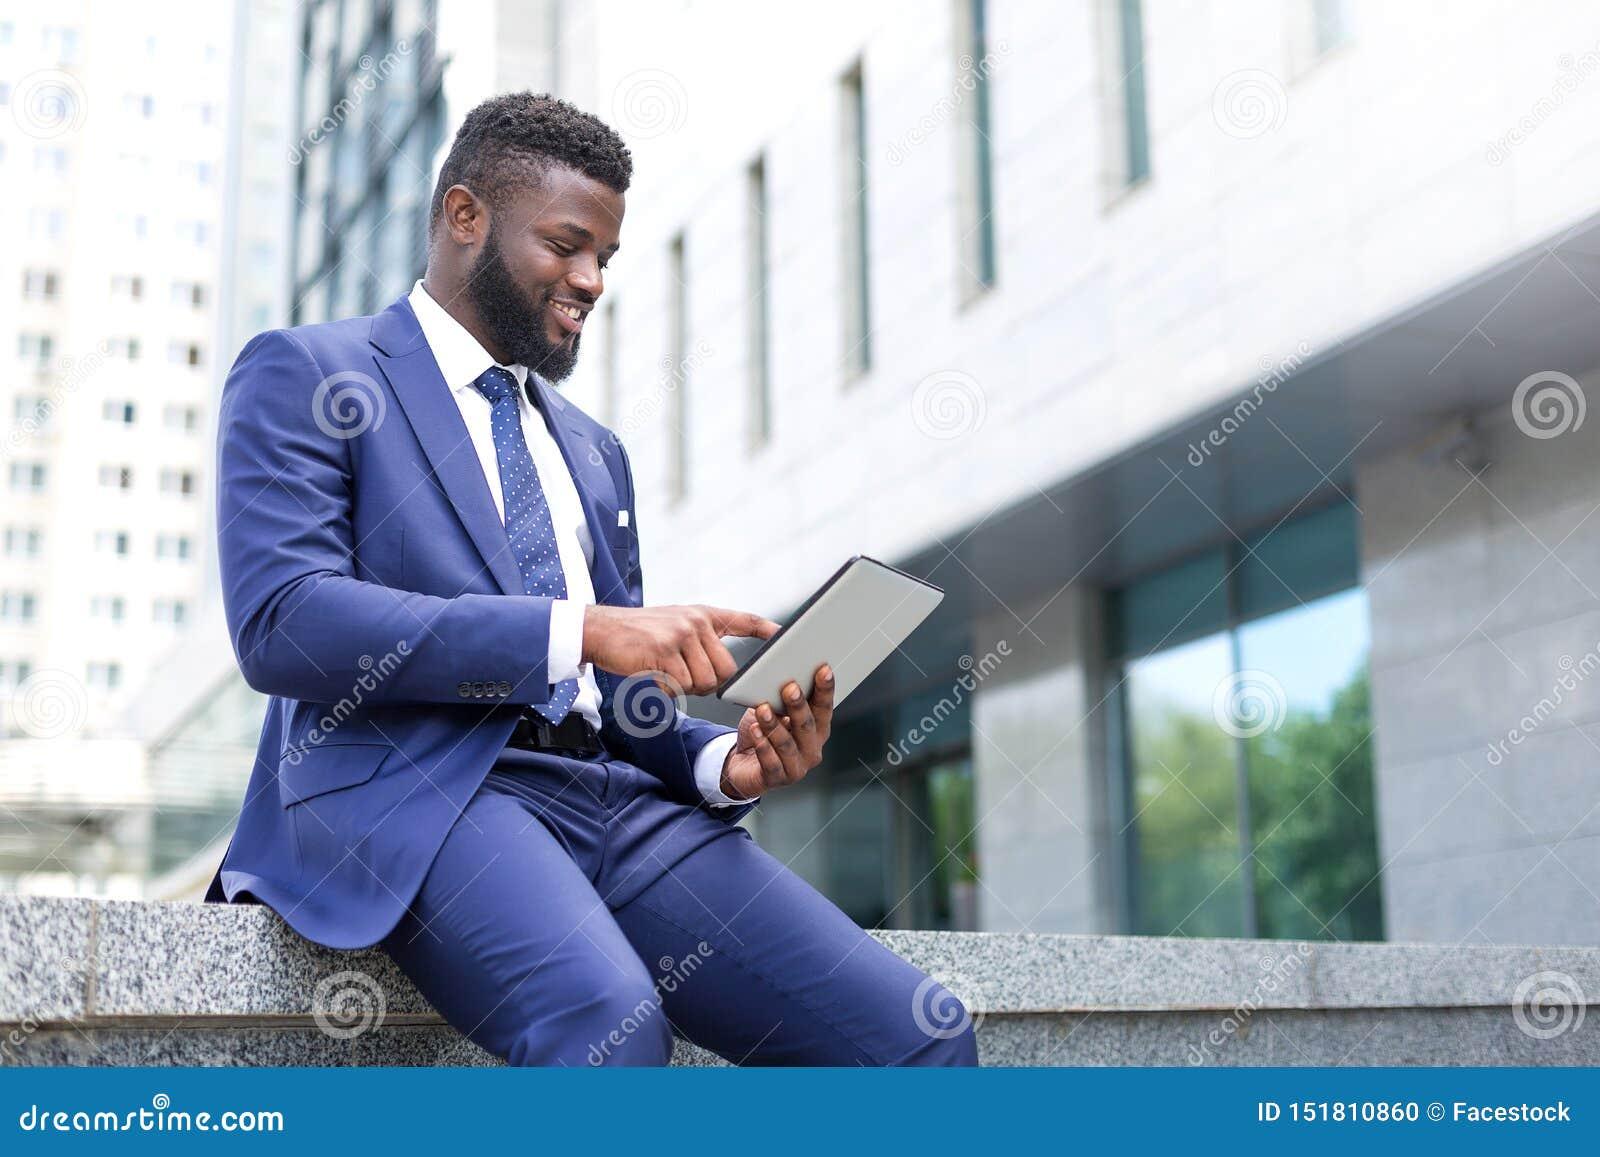 Technologie de utilisation millénaire africaine comme manière compétente de travailler